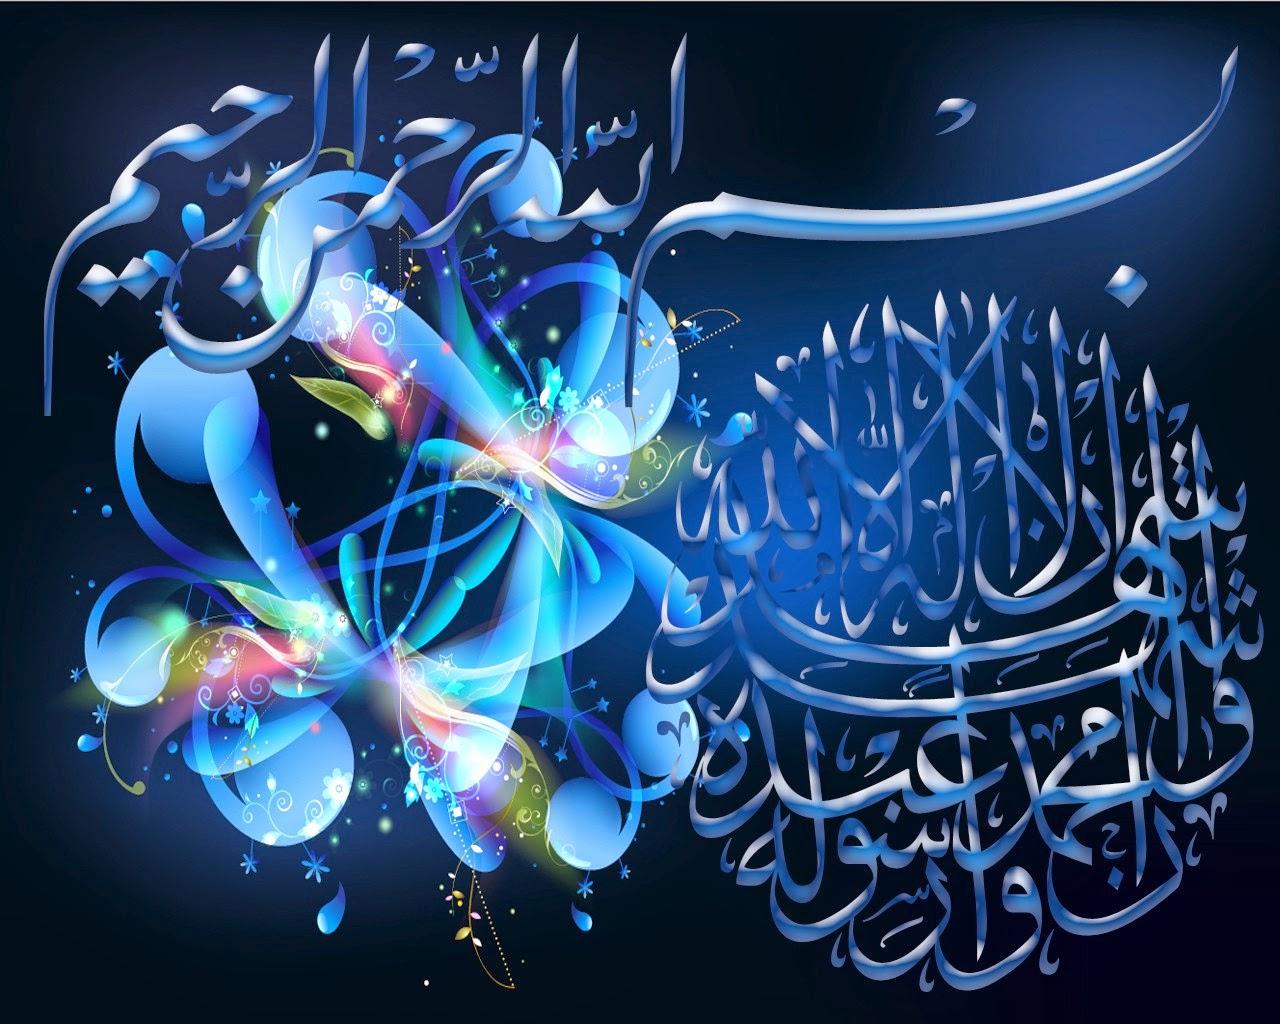 Animasi Kaligrafi Islam Bergerak Terbaru Galeri Kartun